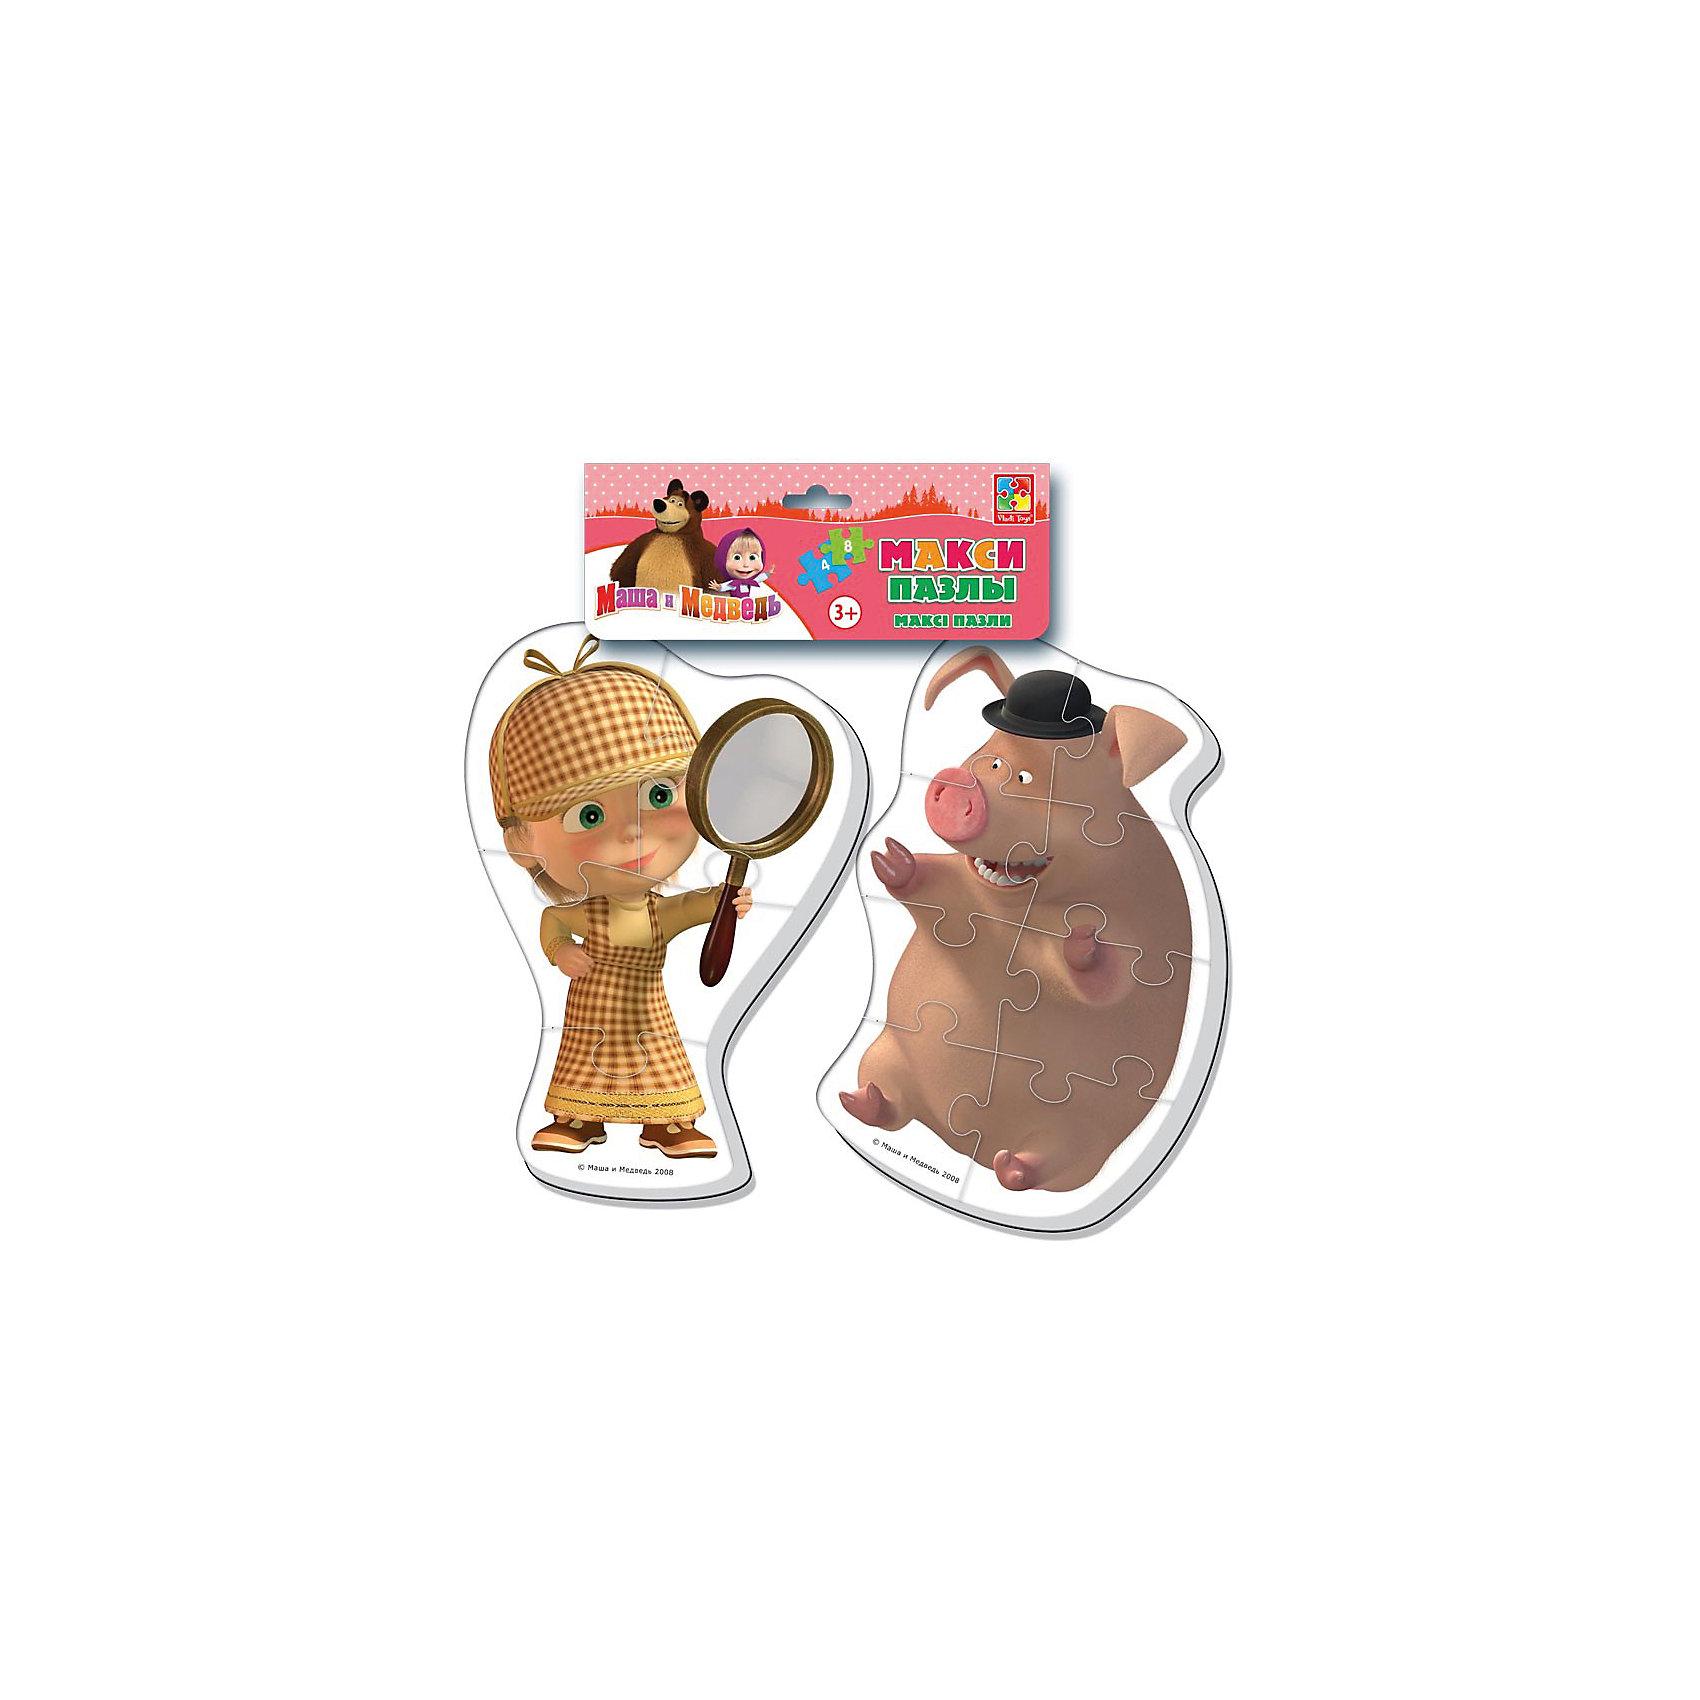 Мягкие макси-пазлы Маша и Медведь, Vladi ToysПазлы для малышей<br>Характеристики:<br><br>• Вид игр: развивающие<br>• Серия: макси-пазлы <br>• Пол: универсальный<br>• Материал: полимер, картон<br>• Цвет: желтый, коричневый и др.<br>• Комплектация: 2 пазла (один из 4 деталей, второй из 8 деталей) <br>• Размеры (Д*Ш*В): 21*1*35 см<br>• Тип упаковки: полиэтиленовый пакет с хедером<br>• Вес: 41 г<br>• Общее количество элементов: 12 шт.<br><br>Мягкие макси-пазлы Маша и Медведь, Vladi Toys, производителем которых является компания, специализирующаяся на выпуске развивающих игр, давно уже стали популярными среди аналогичной продукции. Мягкие пазлы – идеальное решение для развивающих занятий с самыми маленькими детьми, так как они разделены на большие элементы с крупными изображениями, чаще всего в качестве картинок используются герои популярных мультсериалов. Самое важное в пазле для малышей – это минимум деталей и безопасность элементов. Все используемые в производстве материалы являются экологически безопасными, не вызывают аллергии, не имеют запаха. Набор состоит из 12-ти элементов, из которых можно собрать две картинки с изображениями Маши в образе Шерлока Холмса и хрюшки из мультфильма Маша и медведь. <br>Мягкие макси-пазлы Маша и Медведь, Vladi Toys способствуют развитию не только мелкой моторики, но и внимательности, усидчивости, терпению при достижении цели. <br><br>Мягкие макси-пазлы Маша и Медведь, Vladi Toys можно купить в нашем интернет-магазине.<br><br>Ширина мм: 210<br>Глубина мм: 10<br>Высота мм: 350<br>Вес г: 41<br>Возраст от месяцев: 24<br>Возраст до месяцев: 60<br>Пол: Унисекс<br>Возраст: Детский<br>SKU: 5136068